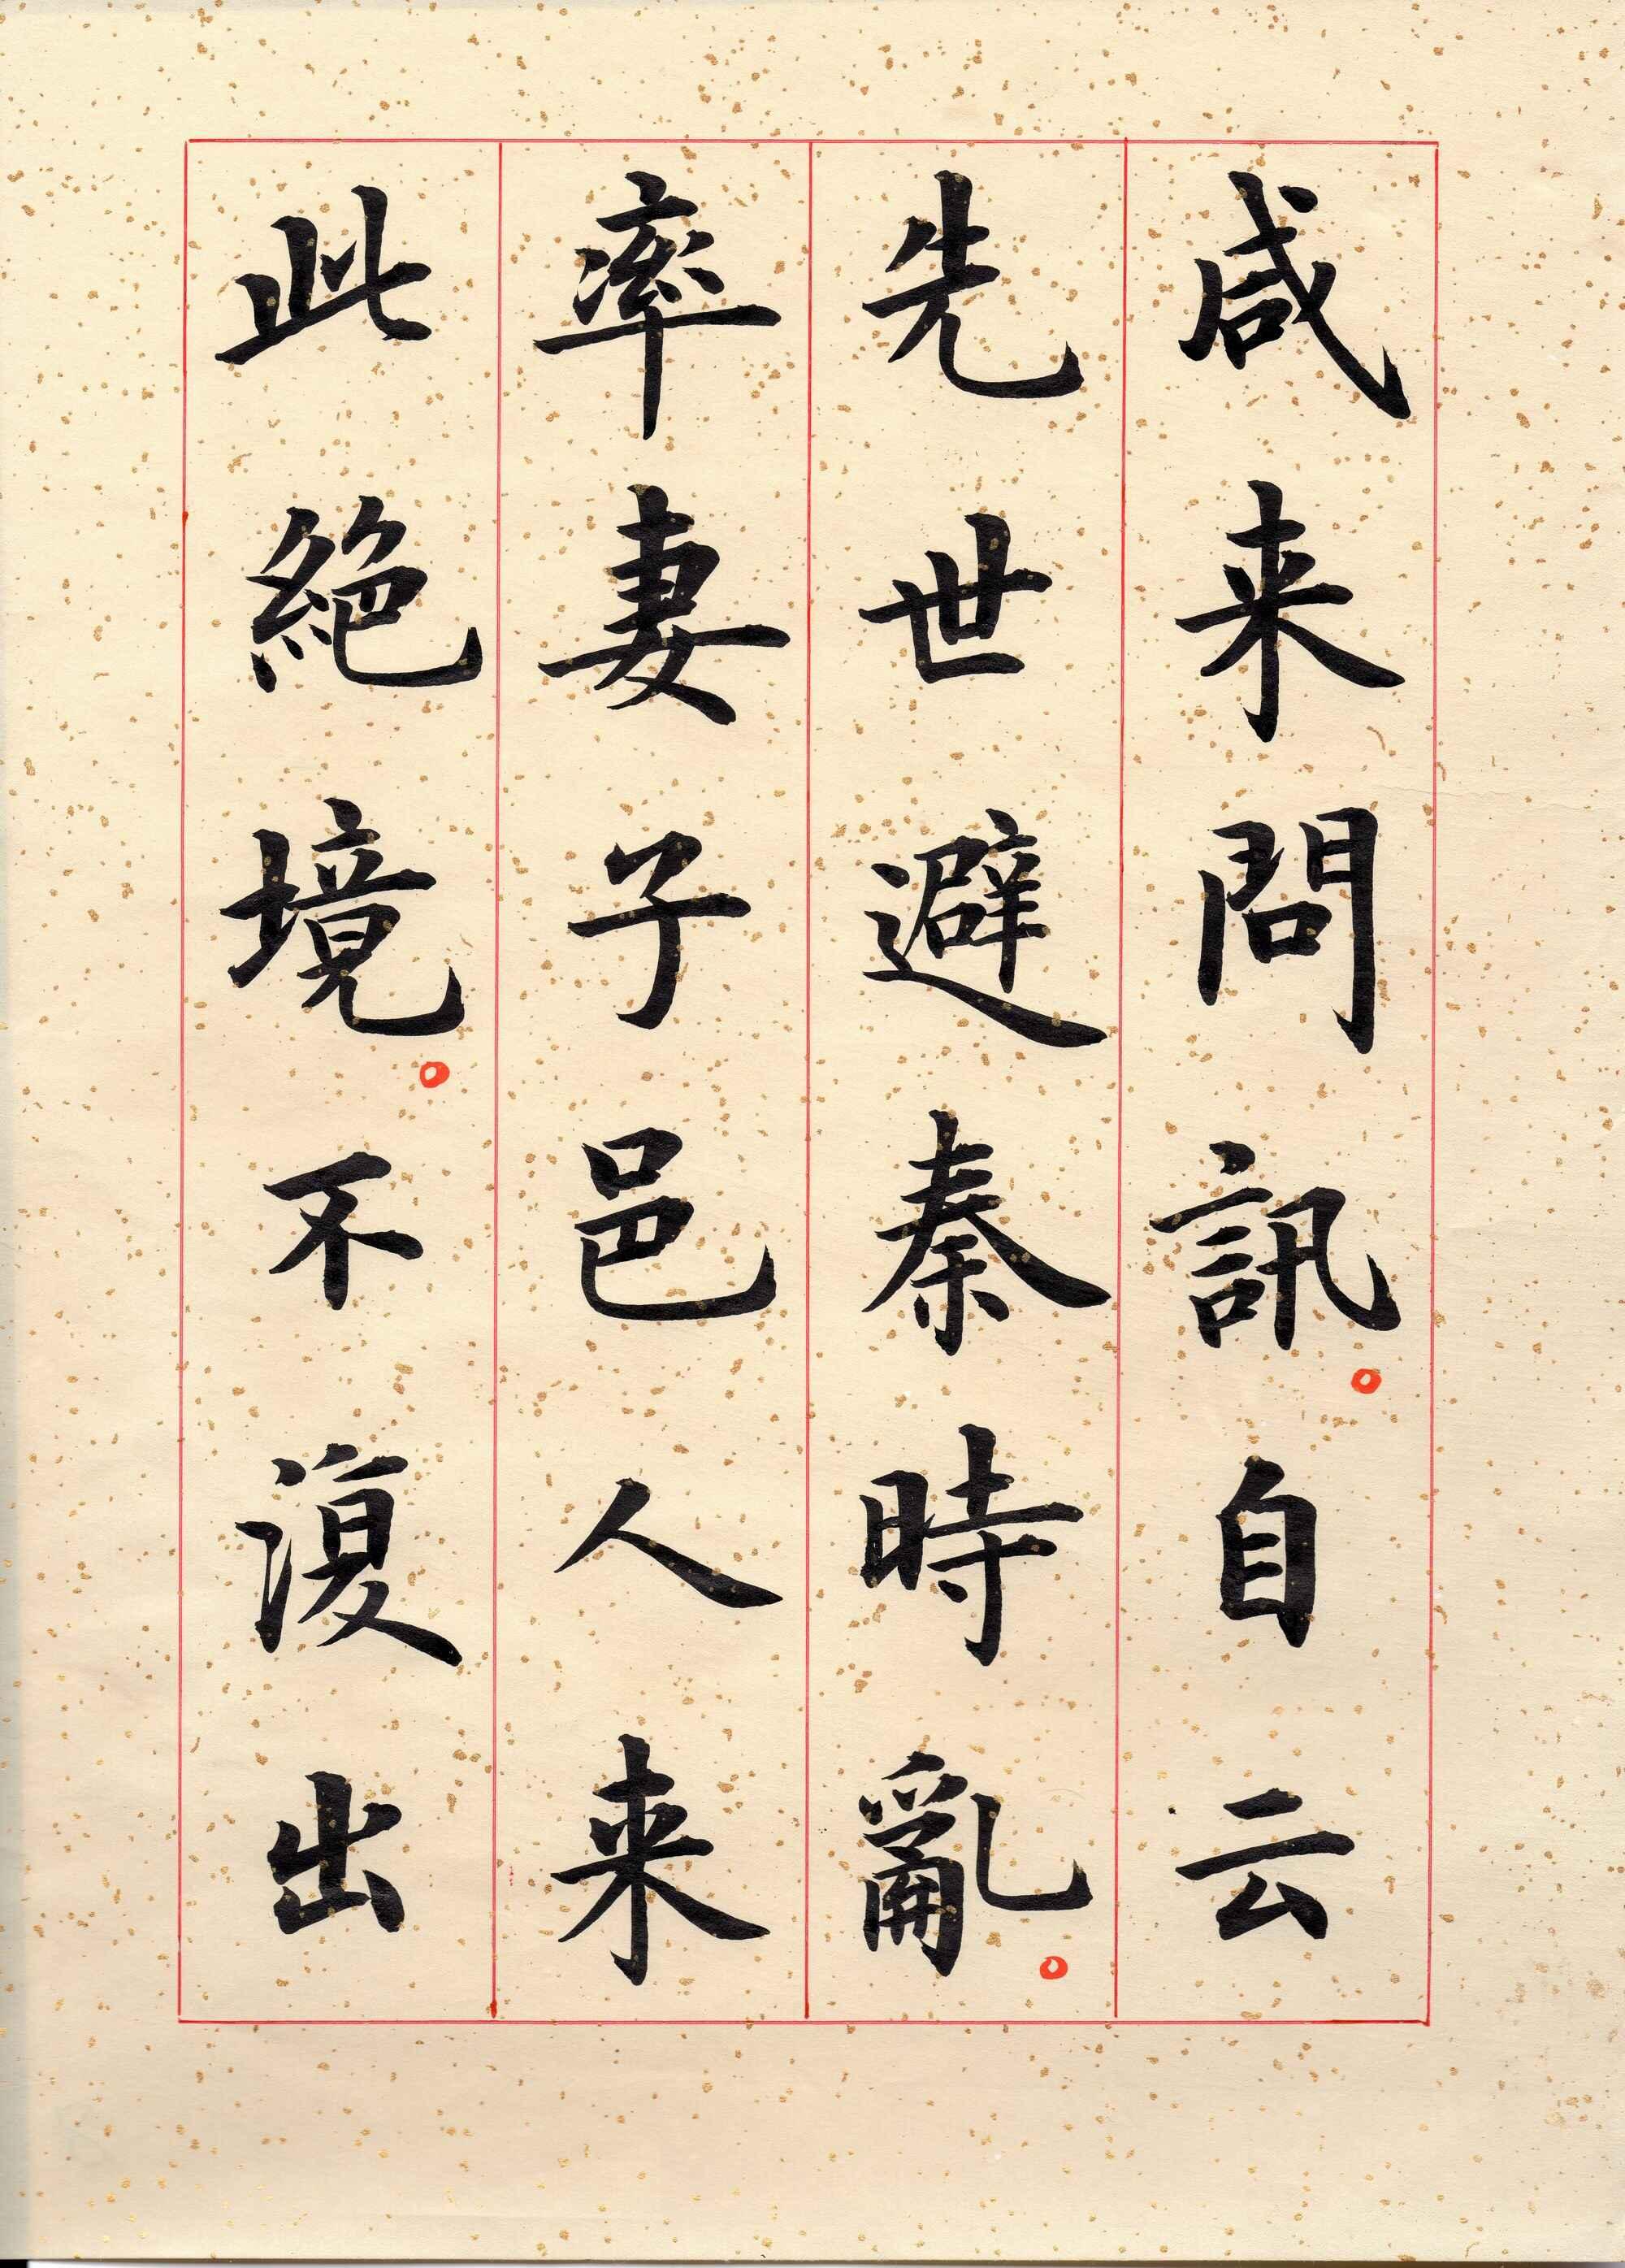 象形文字的减省演变 漫谈汉字符号化和书法法度的永恒存在性图片